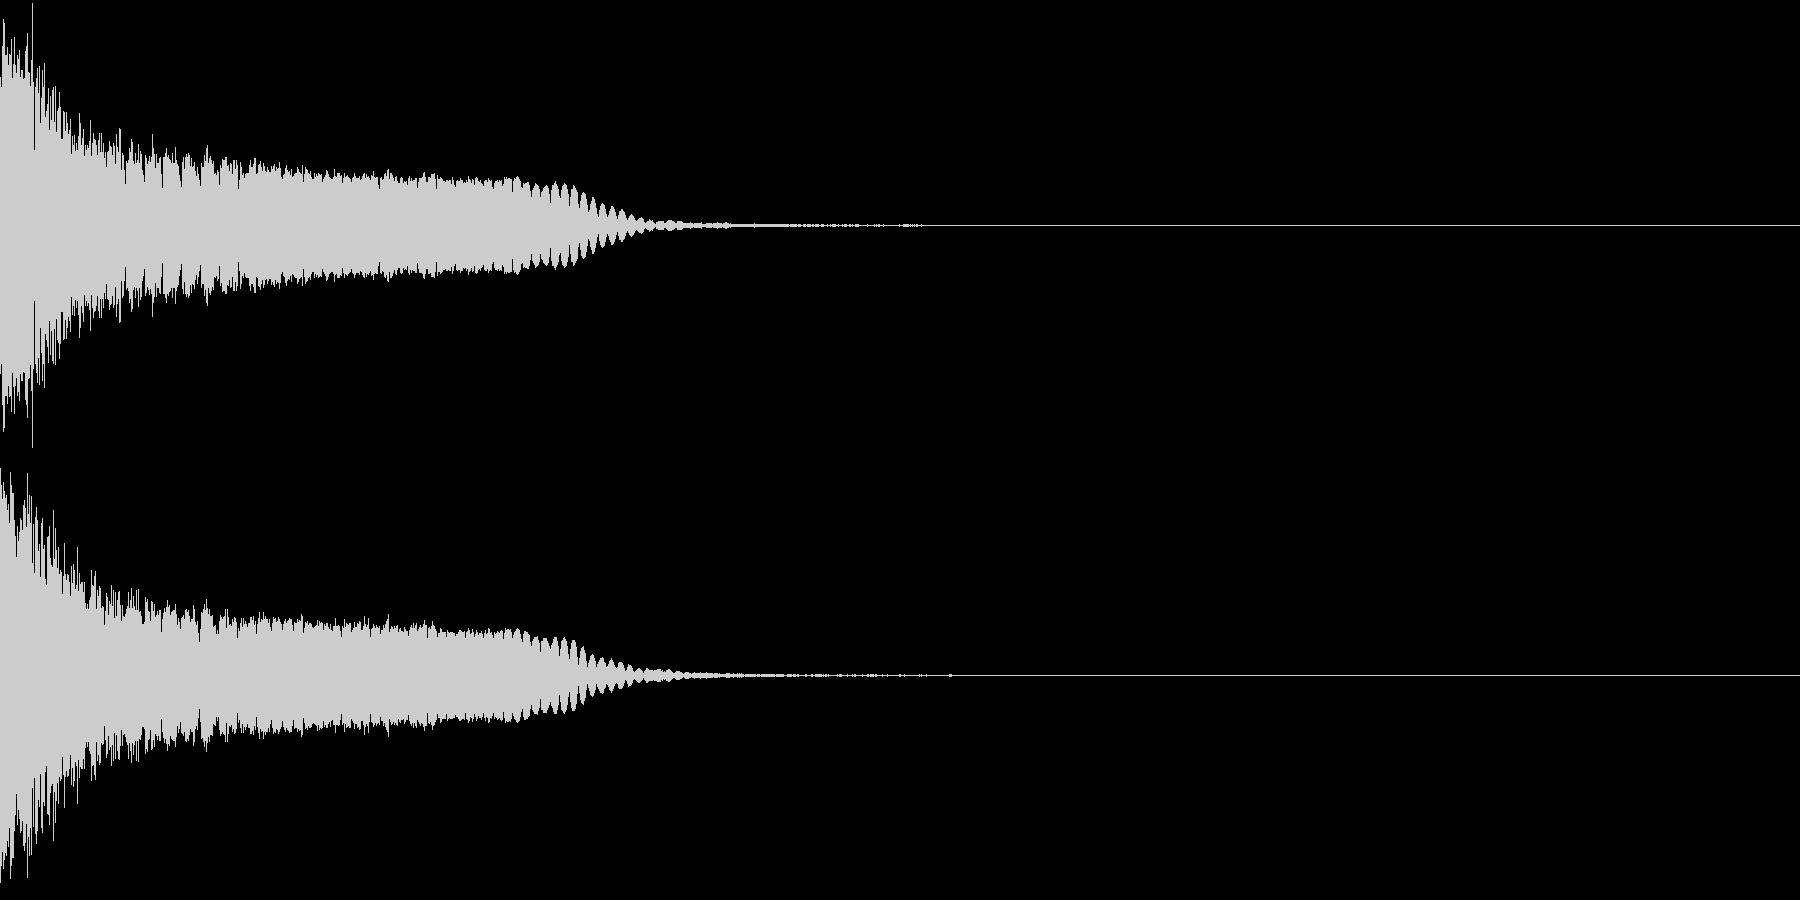 刀 剣 カキーン シャキーン 目立つ04の未再生の波形